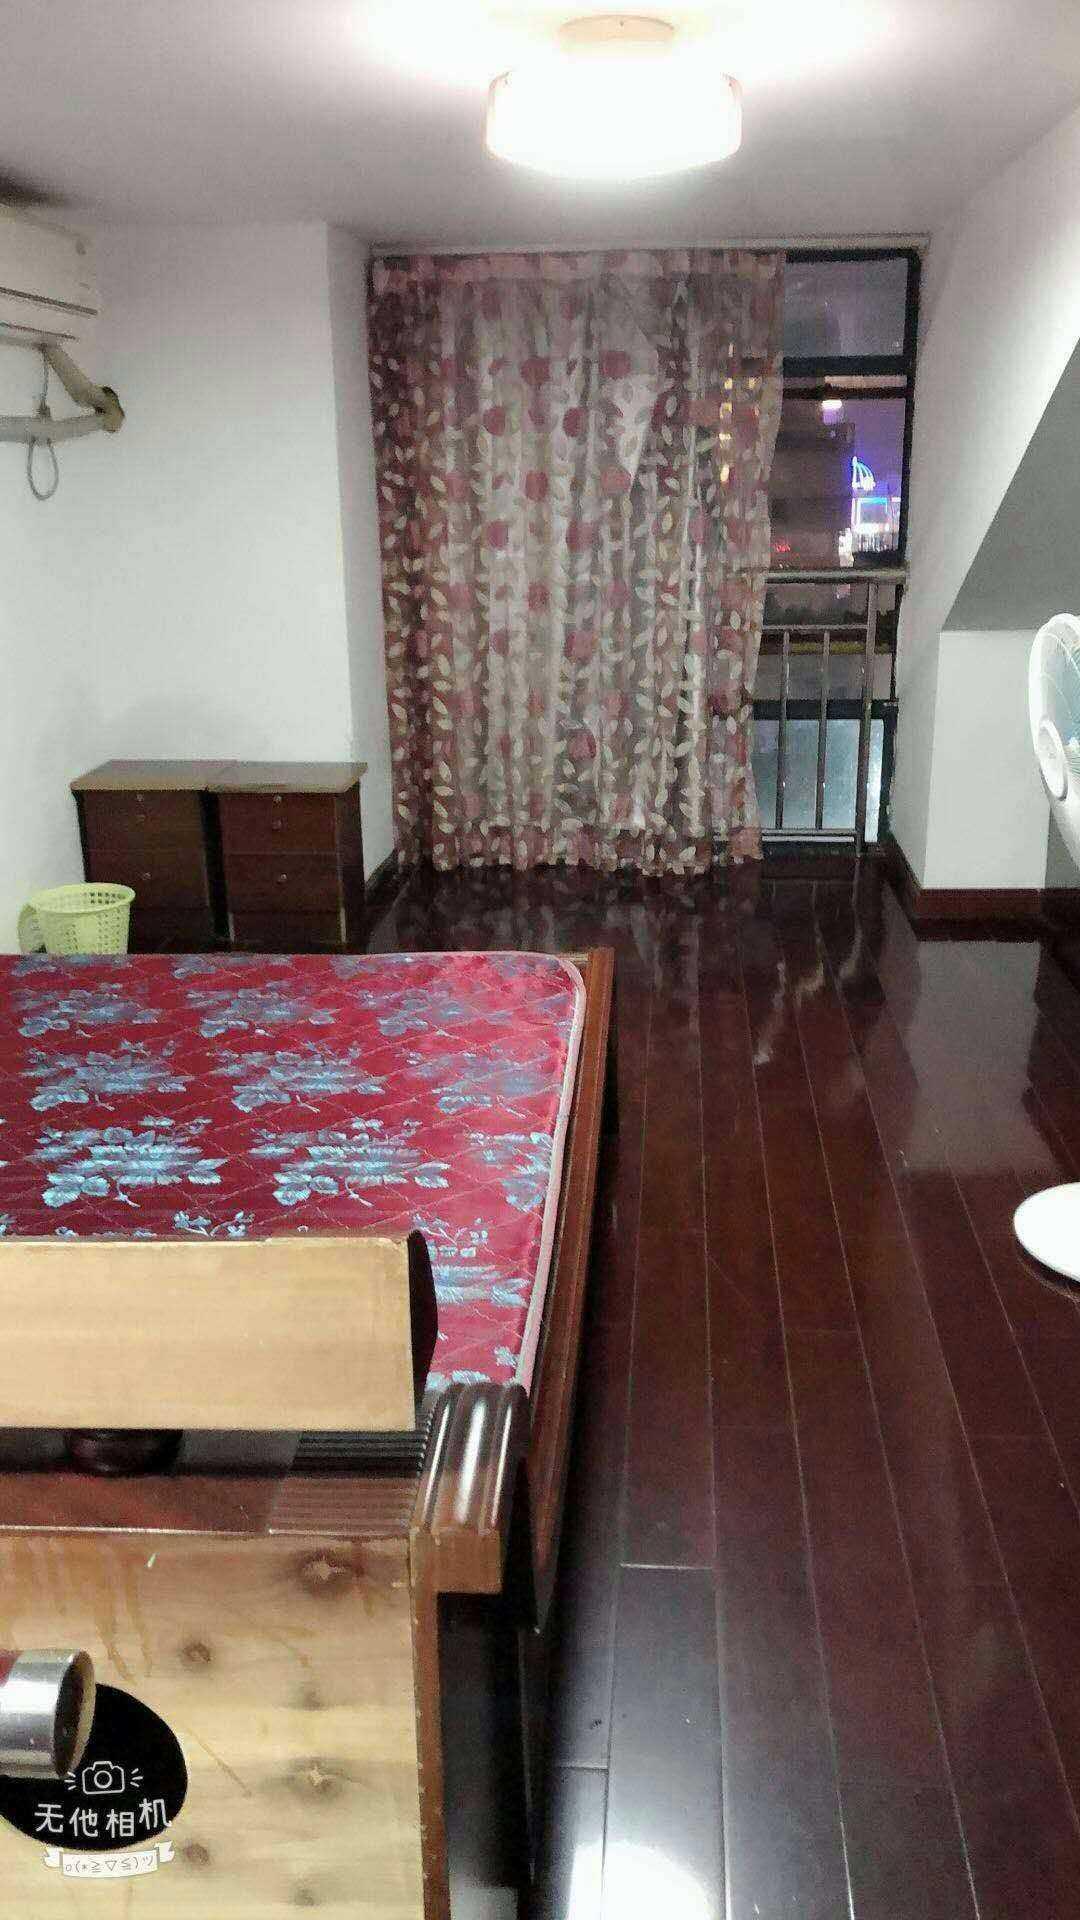 05029出租 鹿鸣花园5楼复试两室两厅精装修,拎包入住,2000/月的实拍照片